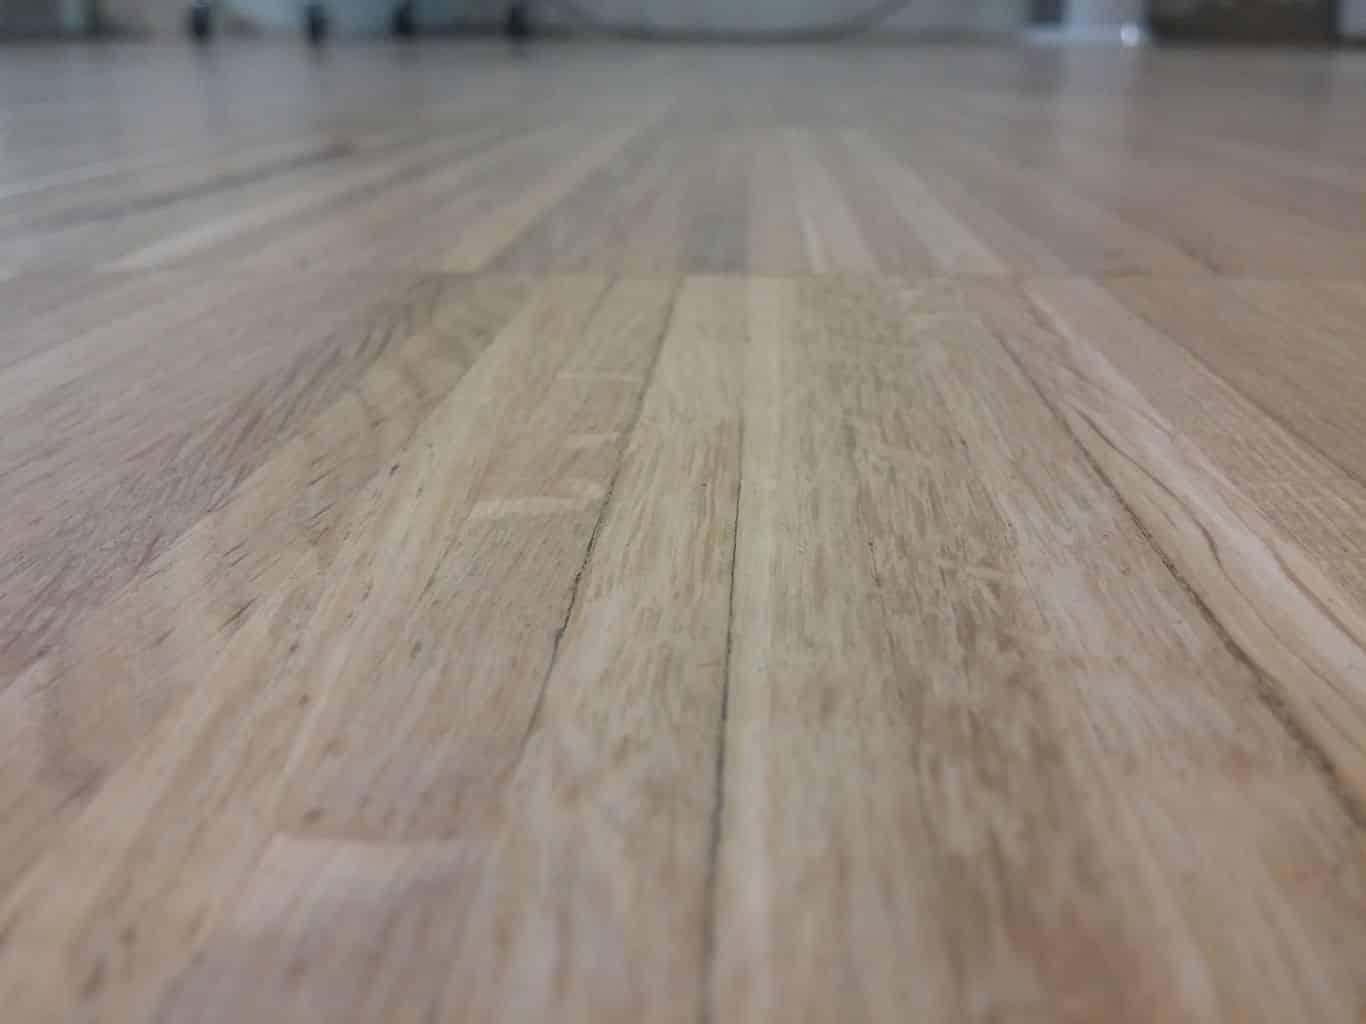 Acuchillado barnizado y reparaci n parquet industrial c - Como limpiar piso de parquet manchado ...